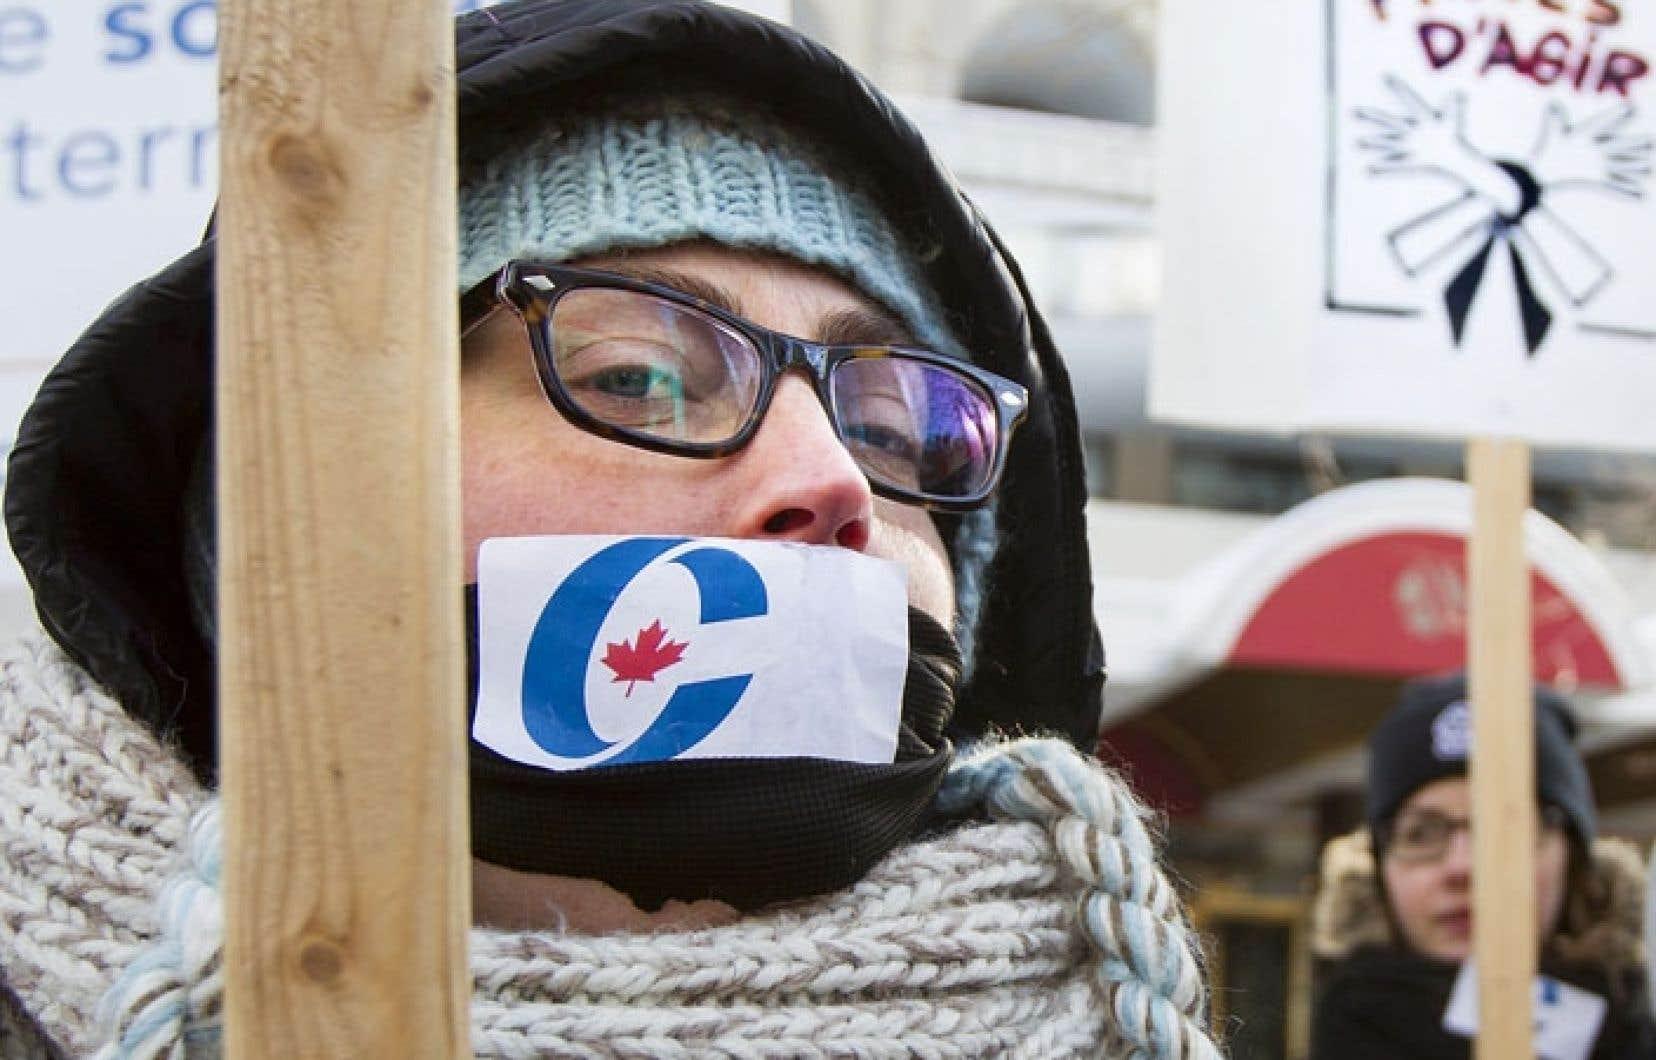 Environ 150 personnes issues des réseaux québécois de la coopération internationale ont profité du passage du ministre canadien du Commerce extérieur pour manifester leur désaccord avec la nouvelle politique gouvernementale qui assujettit l'aide aux pays en voie de développement aux retombées que ce soutien peut avoir sur les entreprises canadiennes.